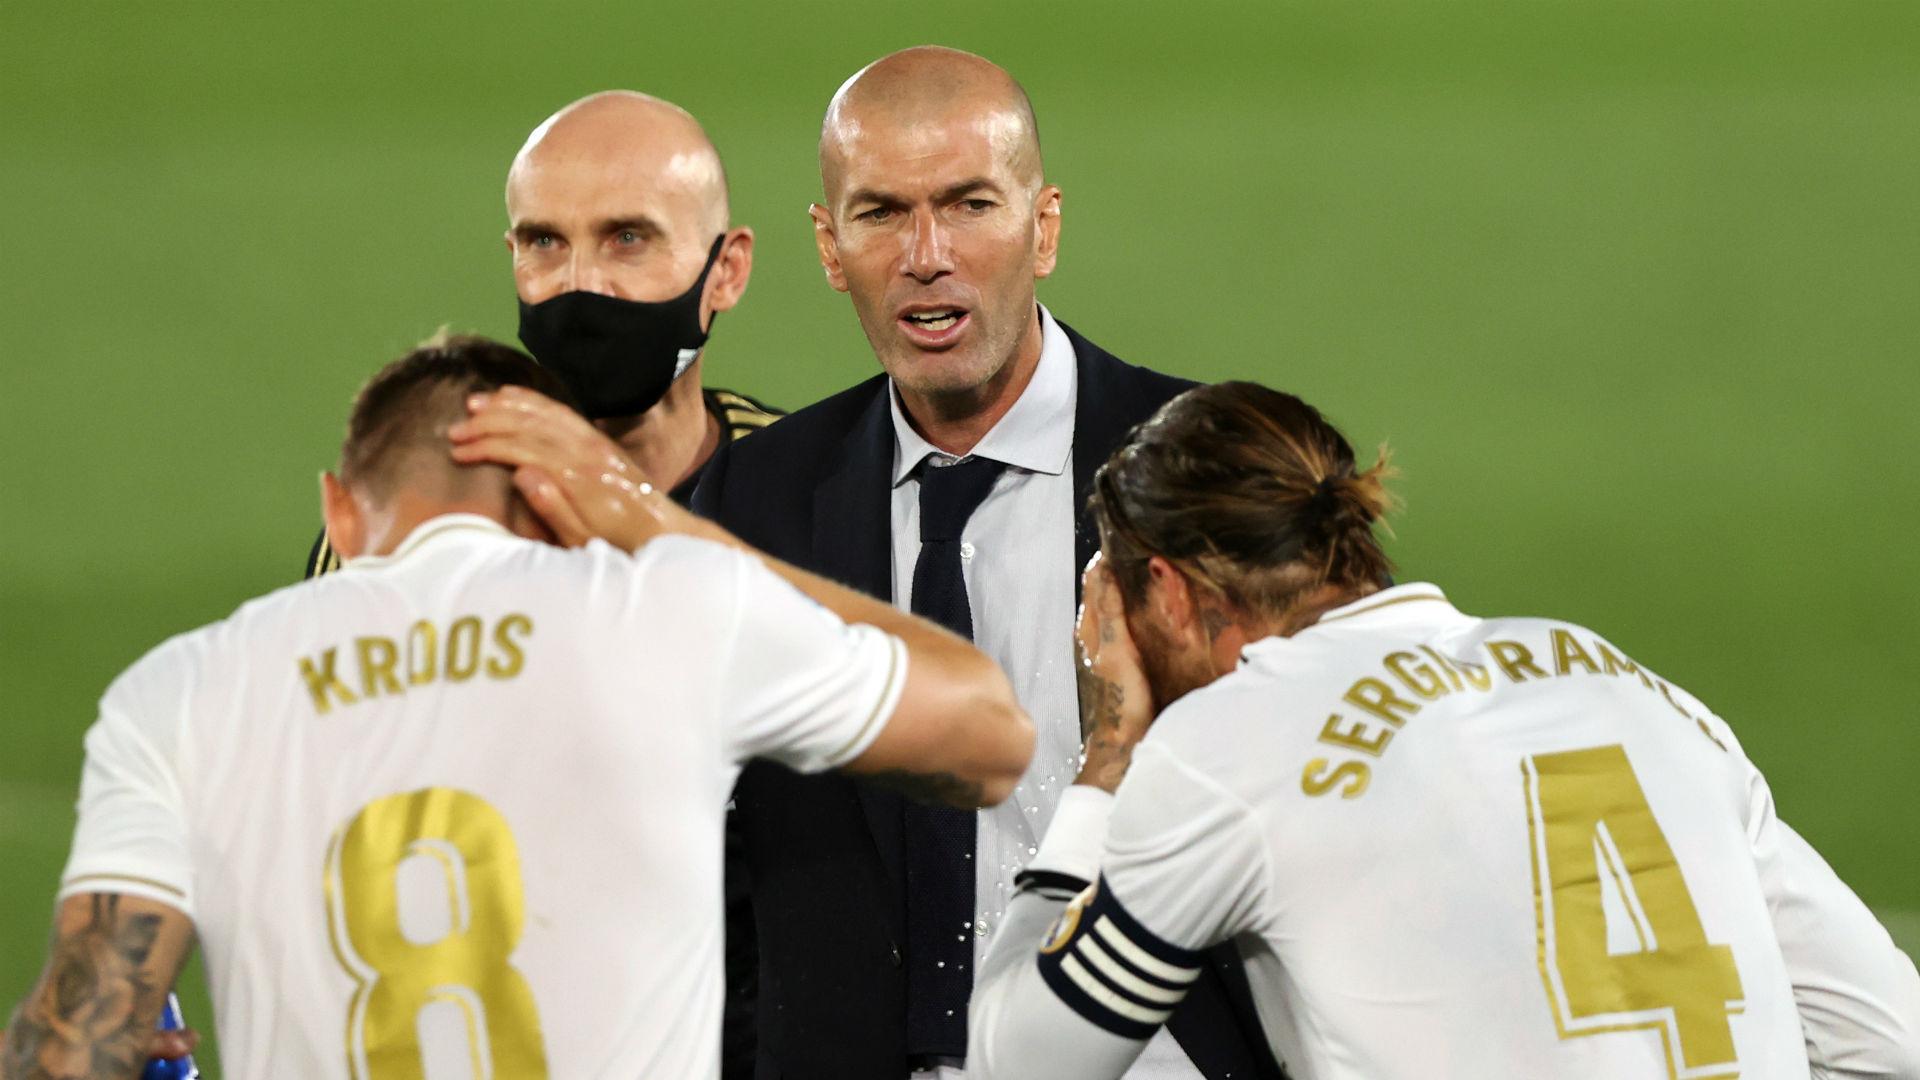 No LaLiga euphoria at Madrid as Zidane preaches focus